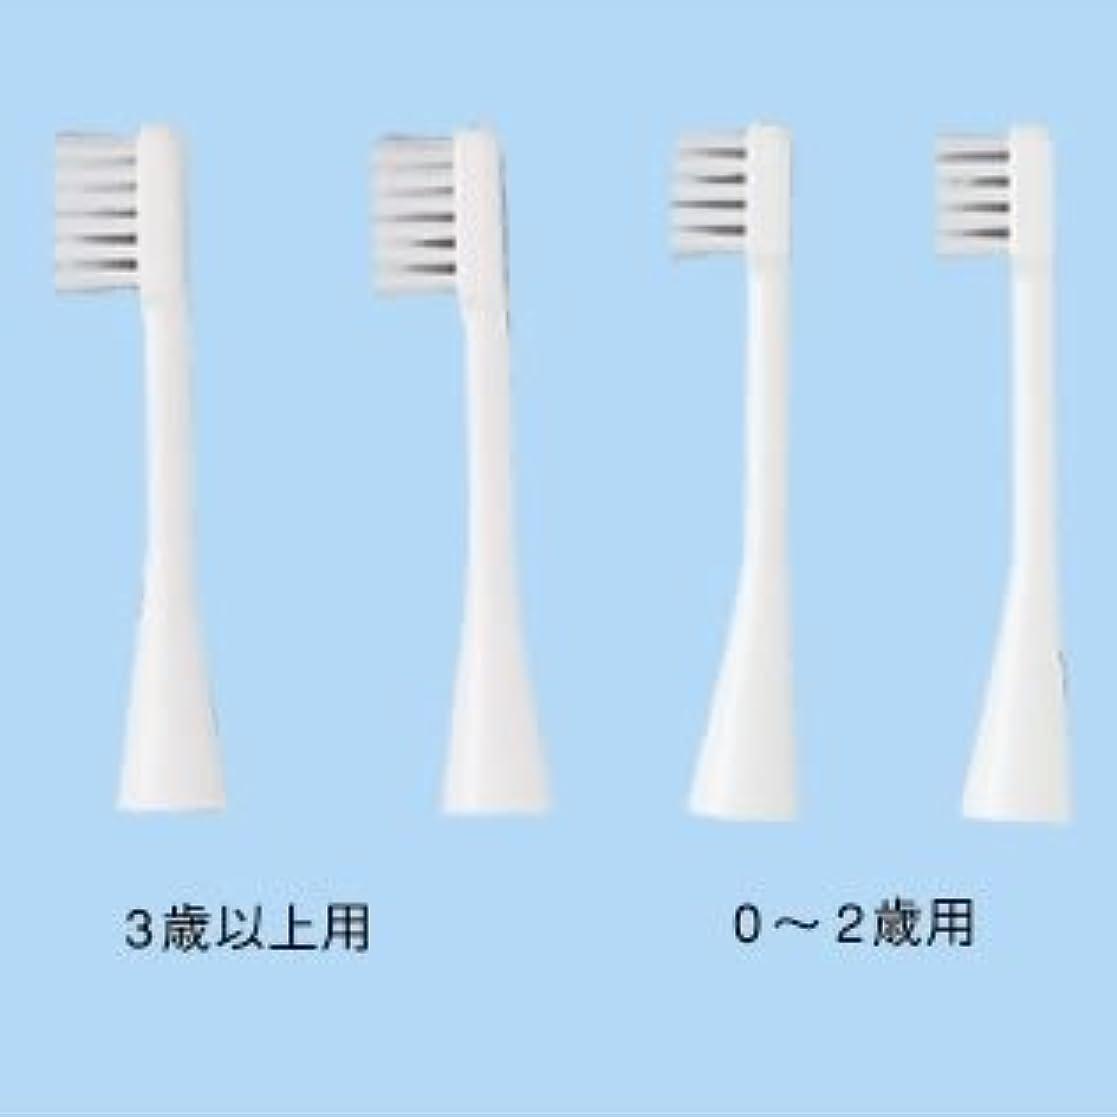 ネックレット教師の日魔術電動付歯ブラシハピカ 水だけdeOK! 替ブラシ2本組 0~2歳用